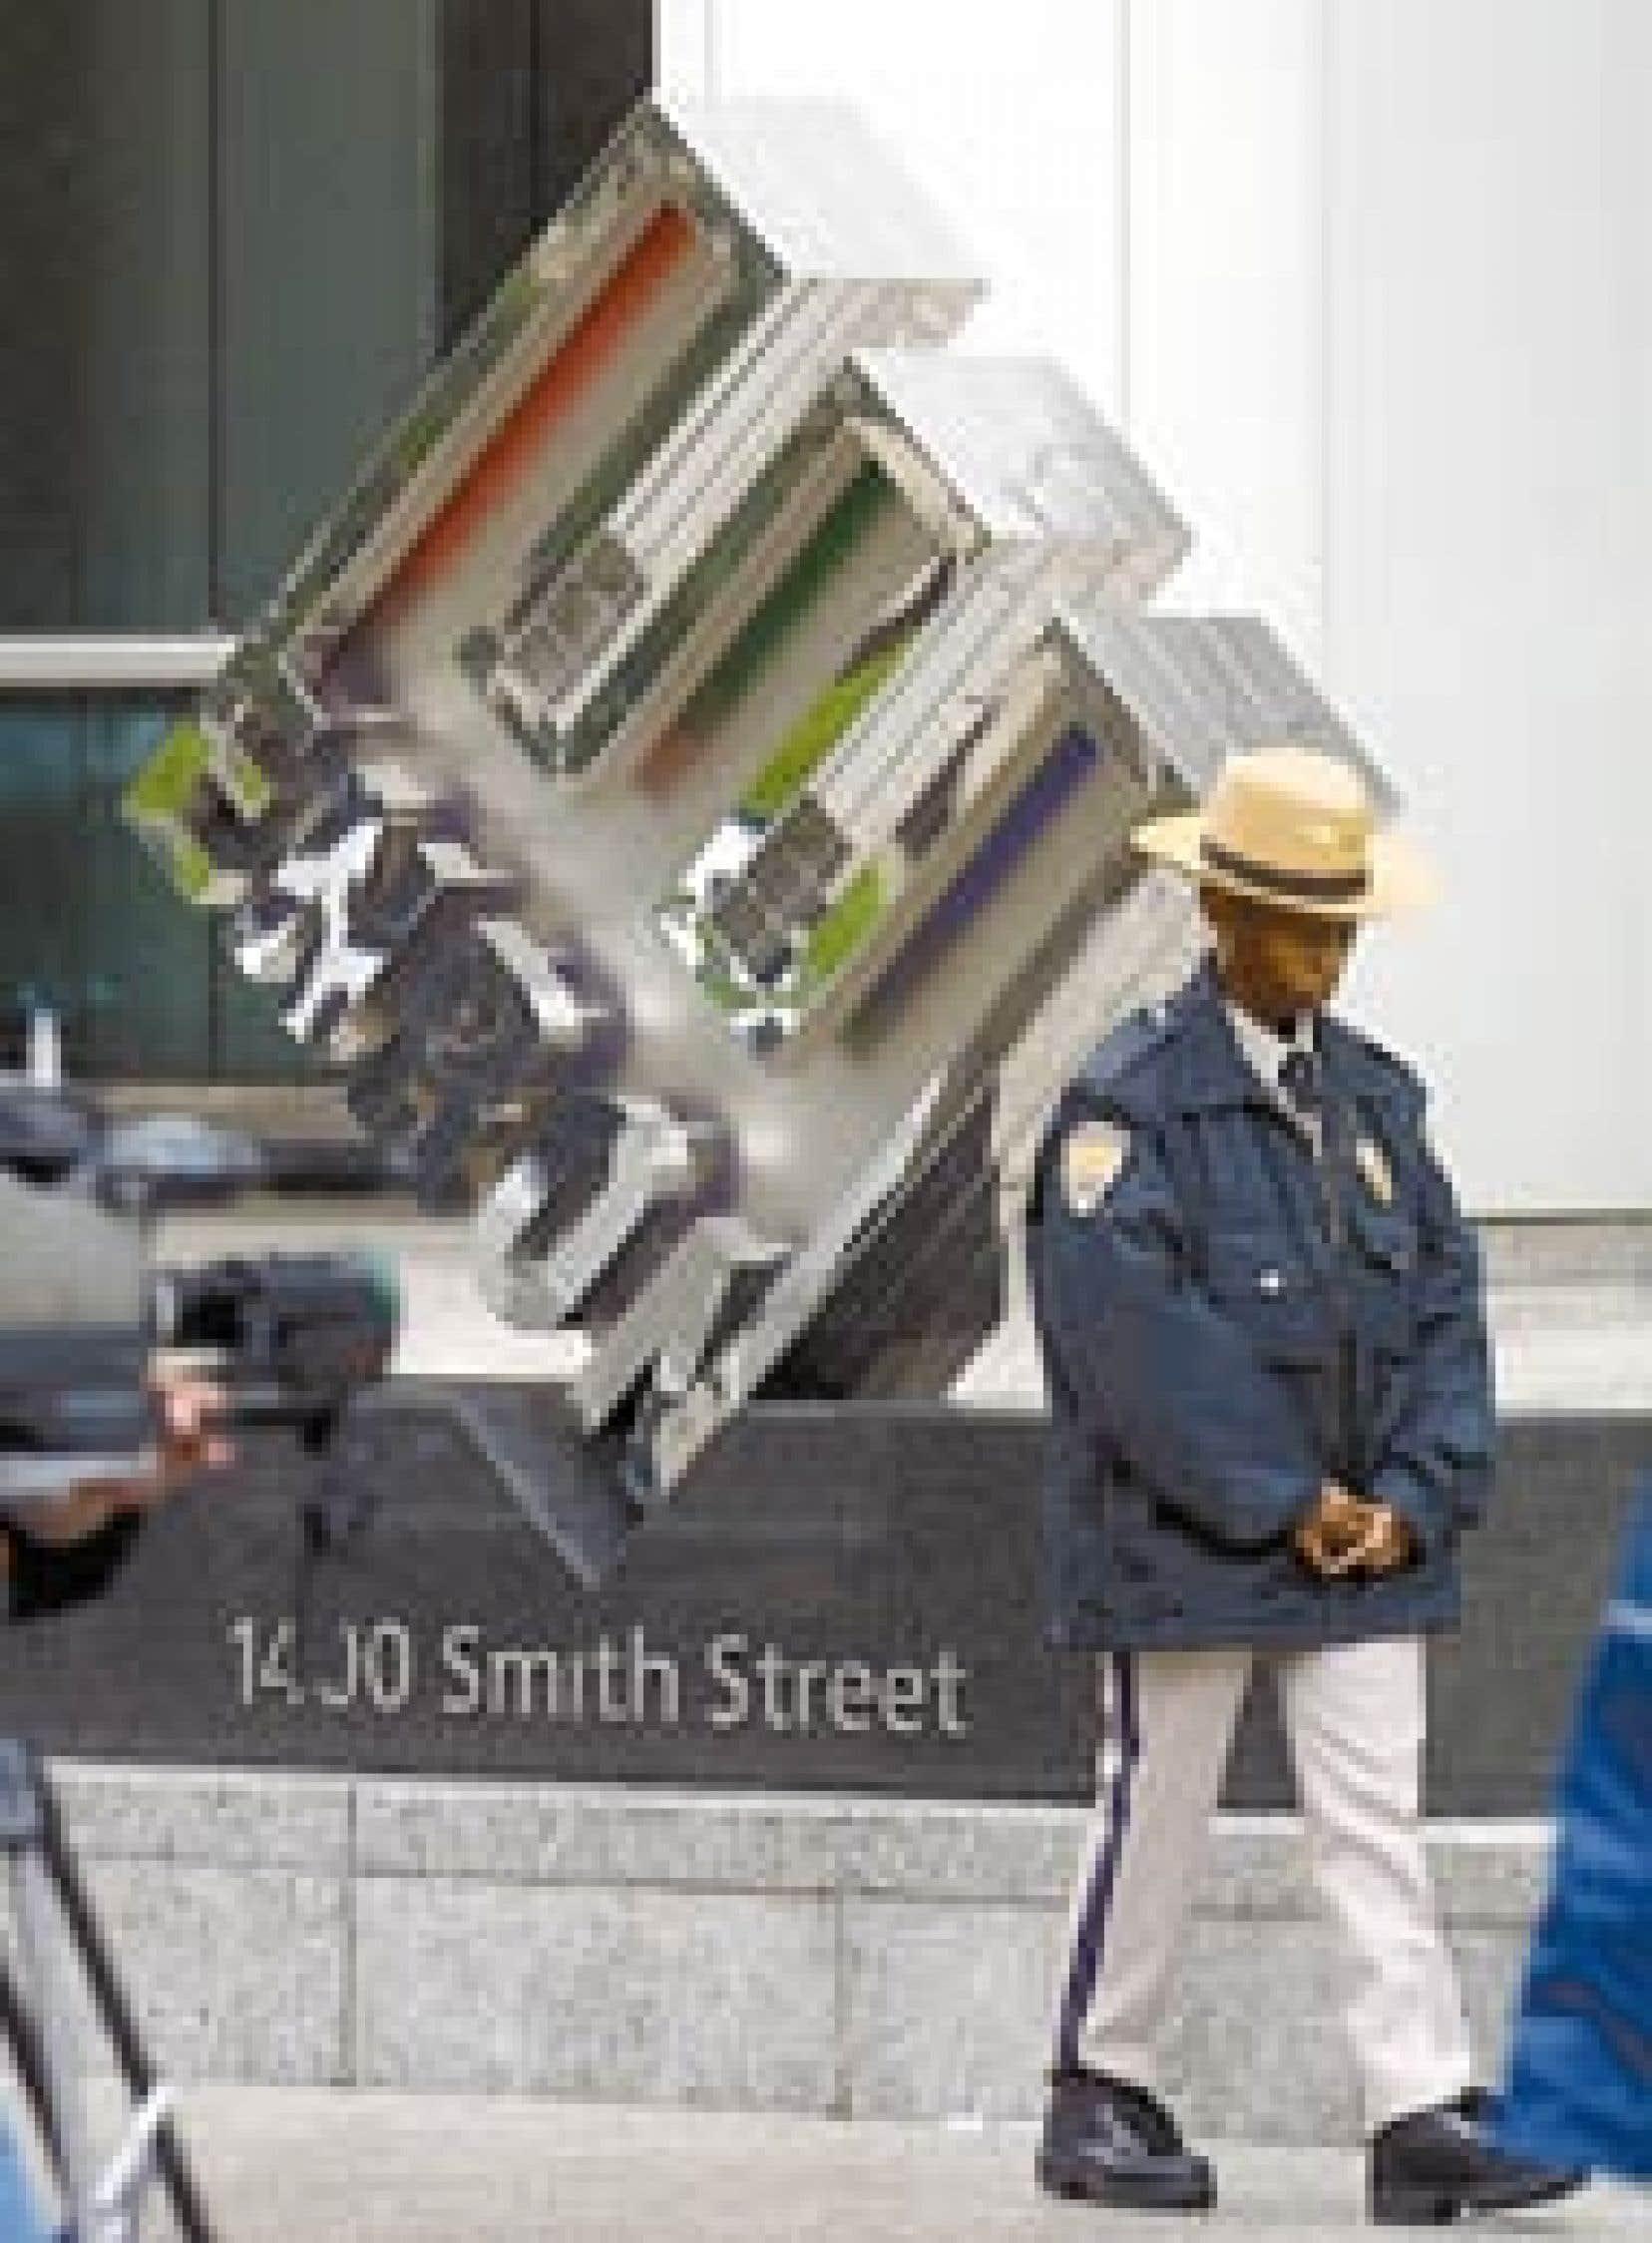 Un gardien de sécurité faisait les cent pas devant les bureaux d'Enron le jour de l'annonce de la faillite fracassante du groupe. Selon une récente enquête, 83,5 % des dirigeants d'entreprise estiment que les nouvelles règles de gouvernance im